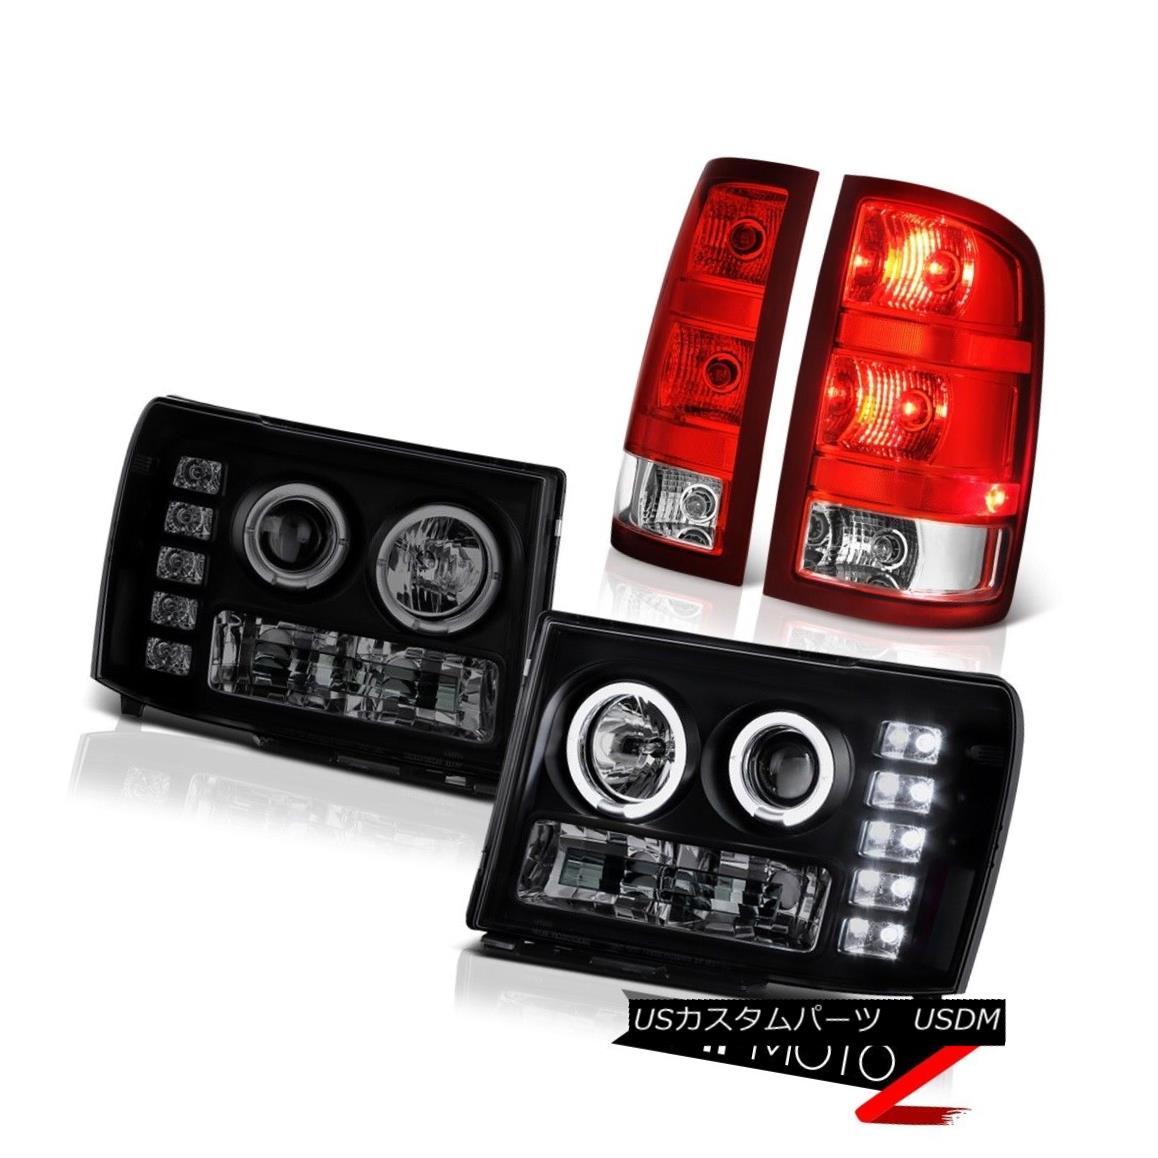 ヘッドライト 08-14 GMC Sierra 3500 SLE Tail Lamps Headlamps Factory Style OE Style Angel Eyes 08-14 GMC Sierra 3500 SLEテールランプヘッドランプ工場スタイルOEスタイルAngel Eyes